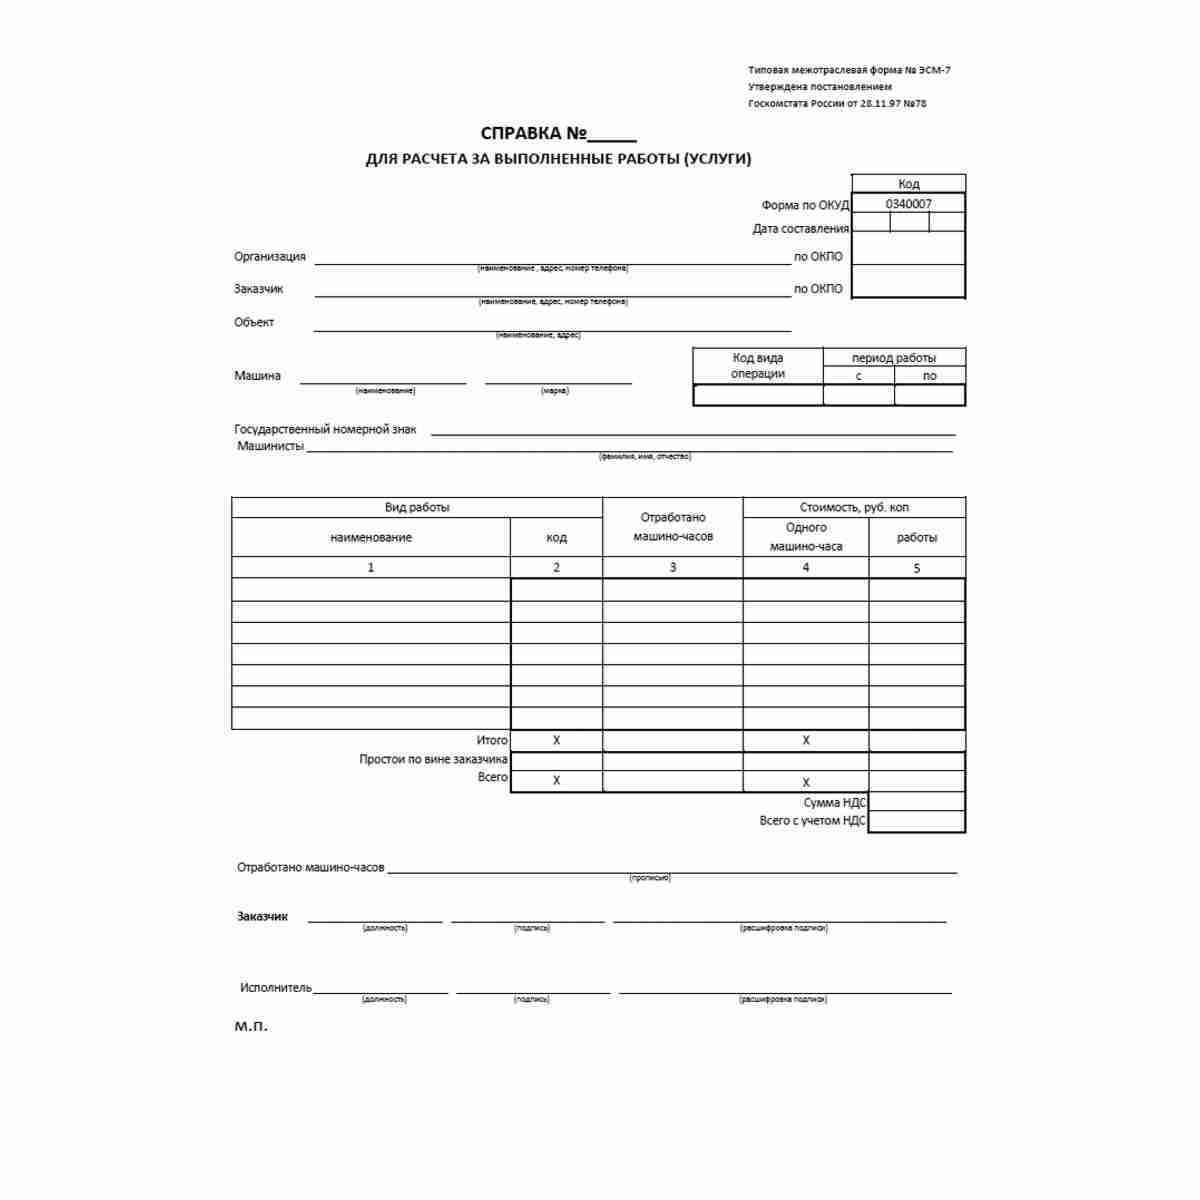 """Унифицированная форма первичной учетной документации Типовая межотраслевая форма №ЭСМ-7 """"Справка о выполненных работах (услугах)"""" (ОКУД 0340007)"""